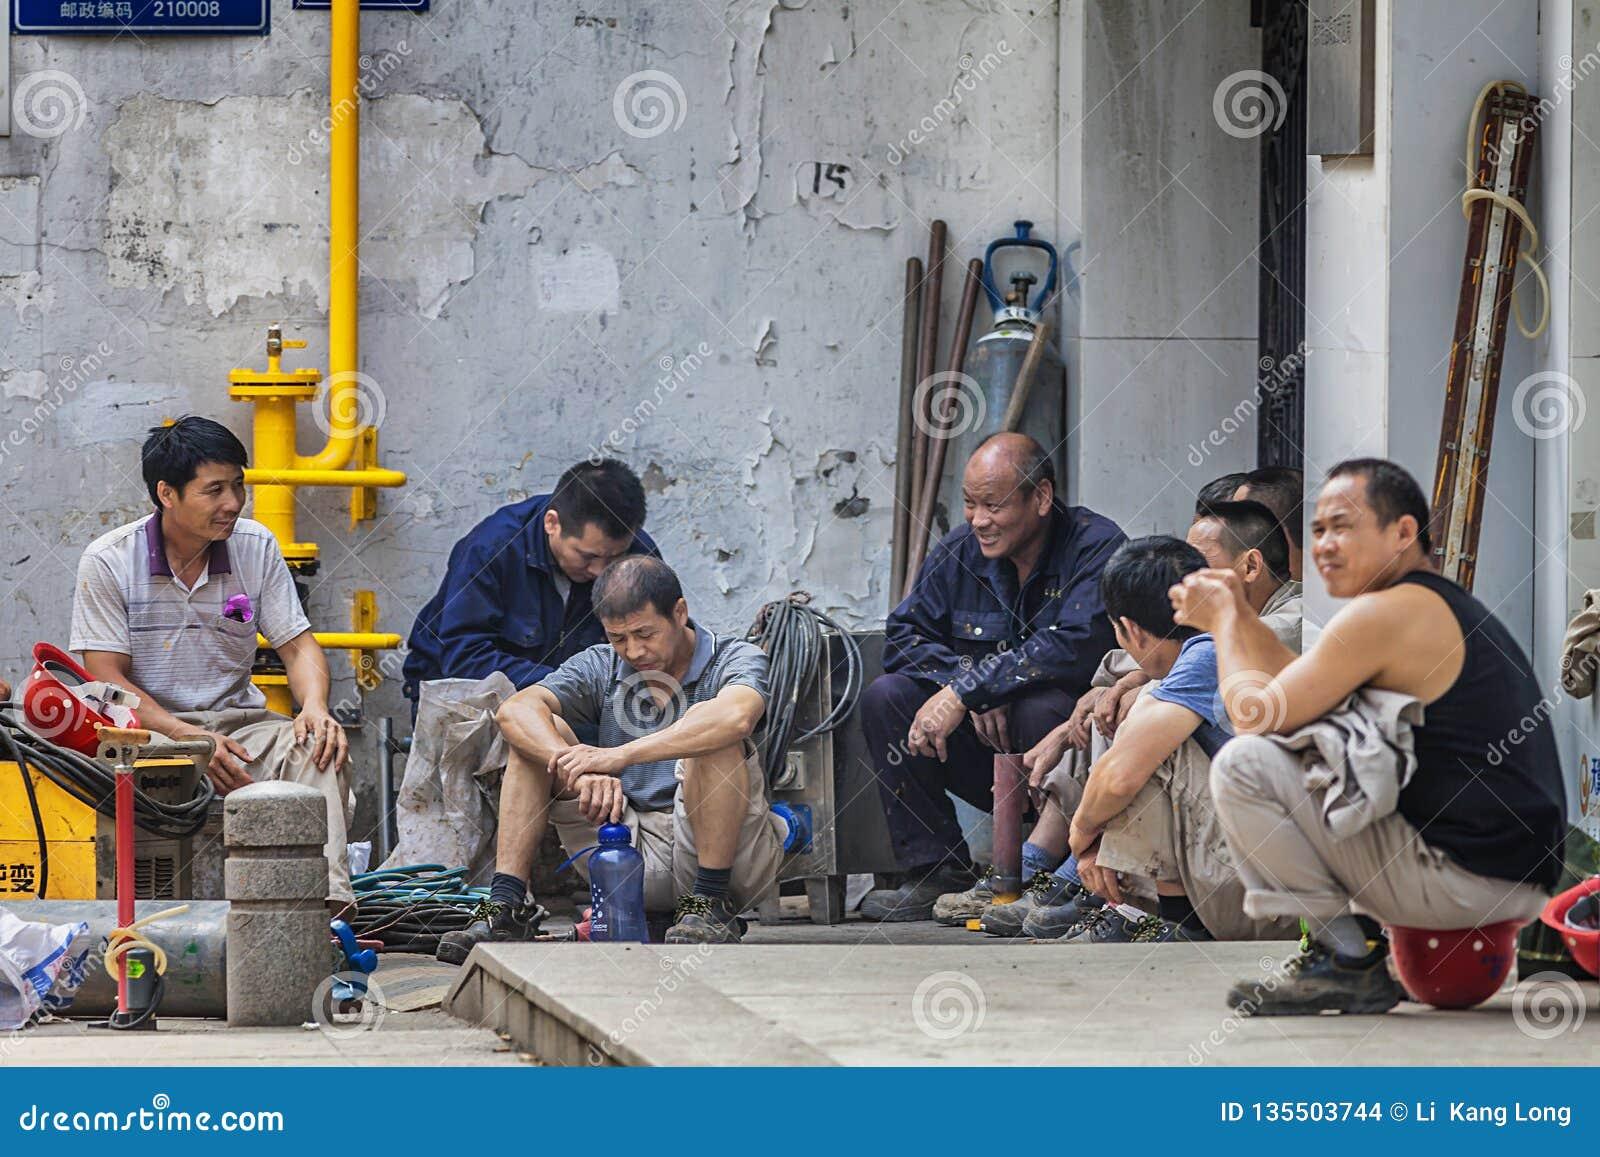 Travailleurs migrants sur la rue